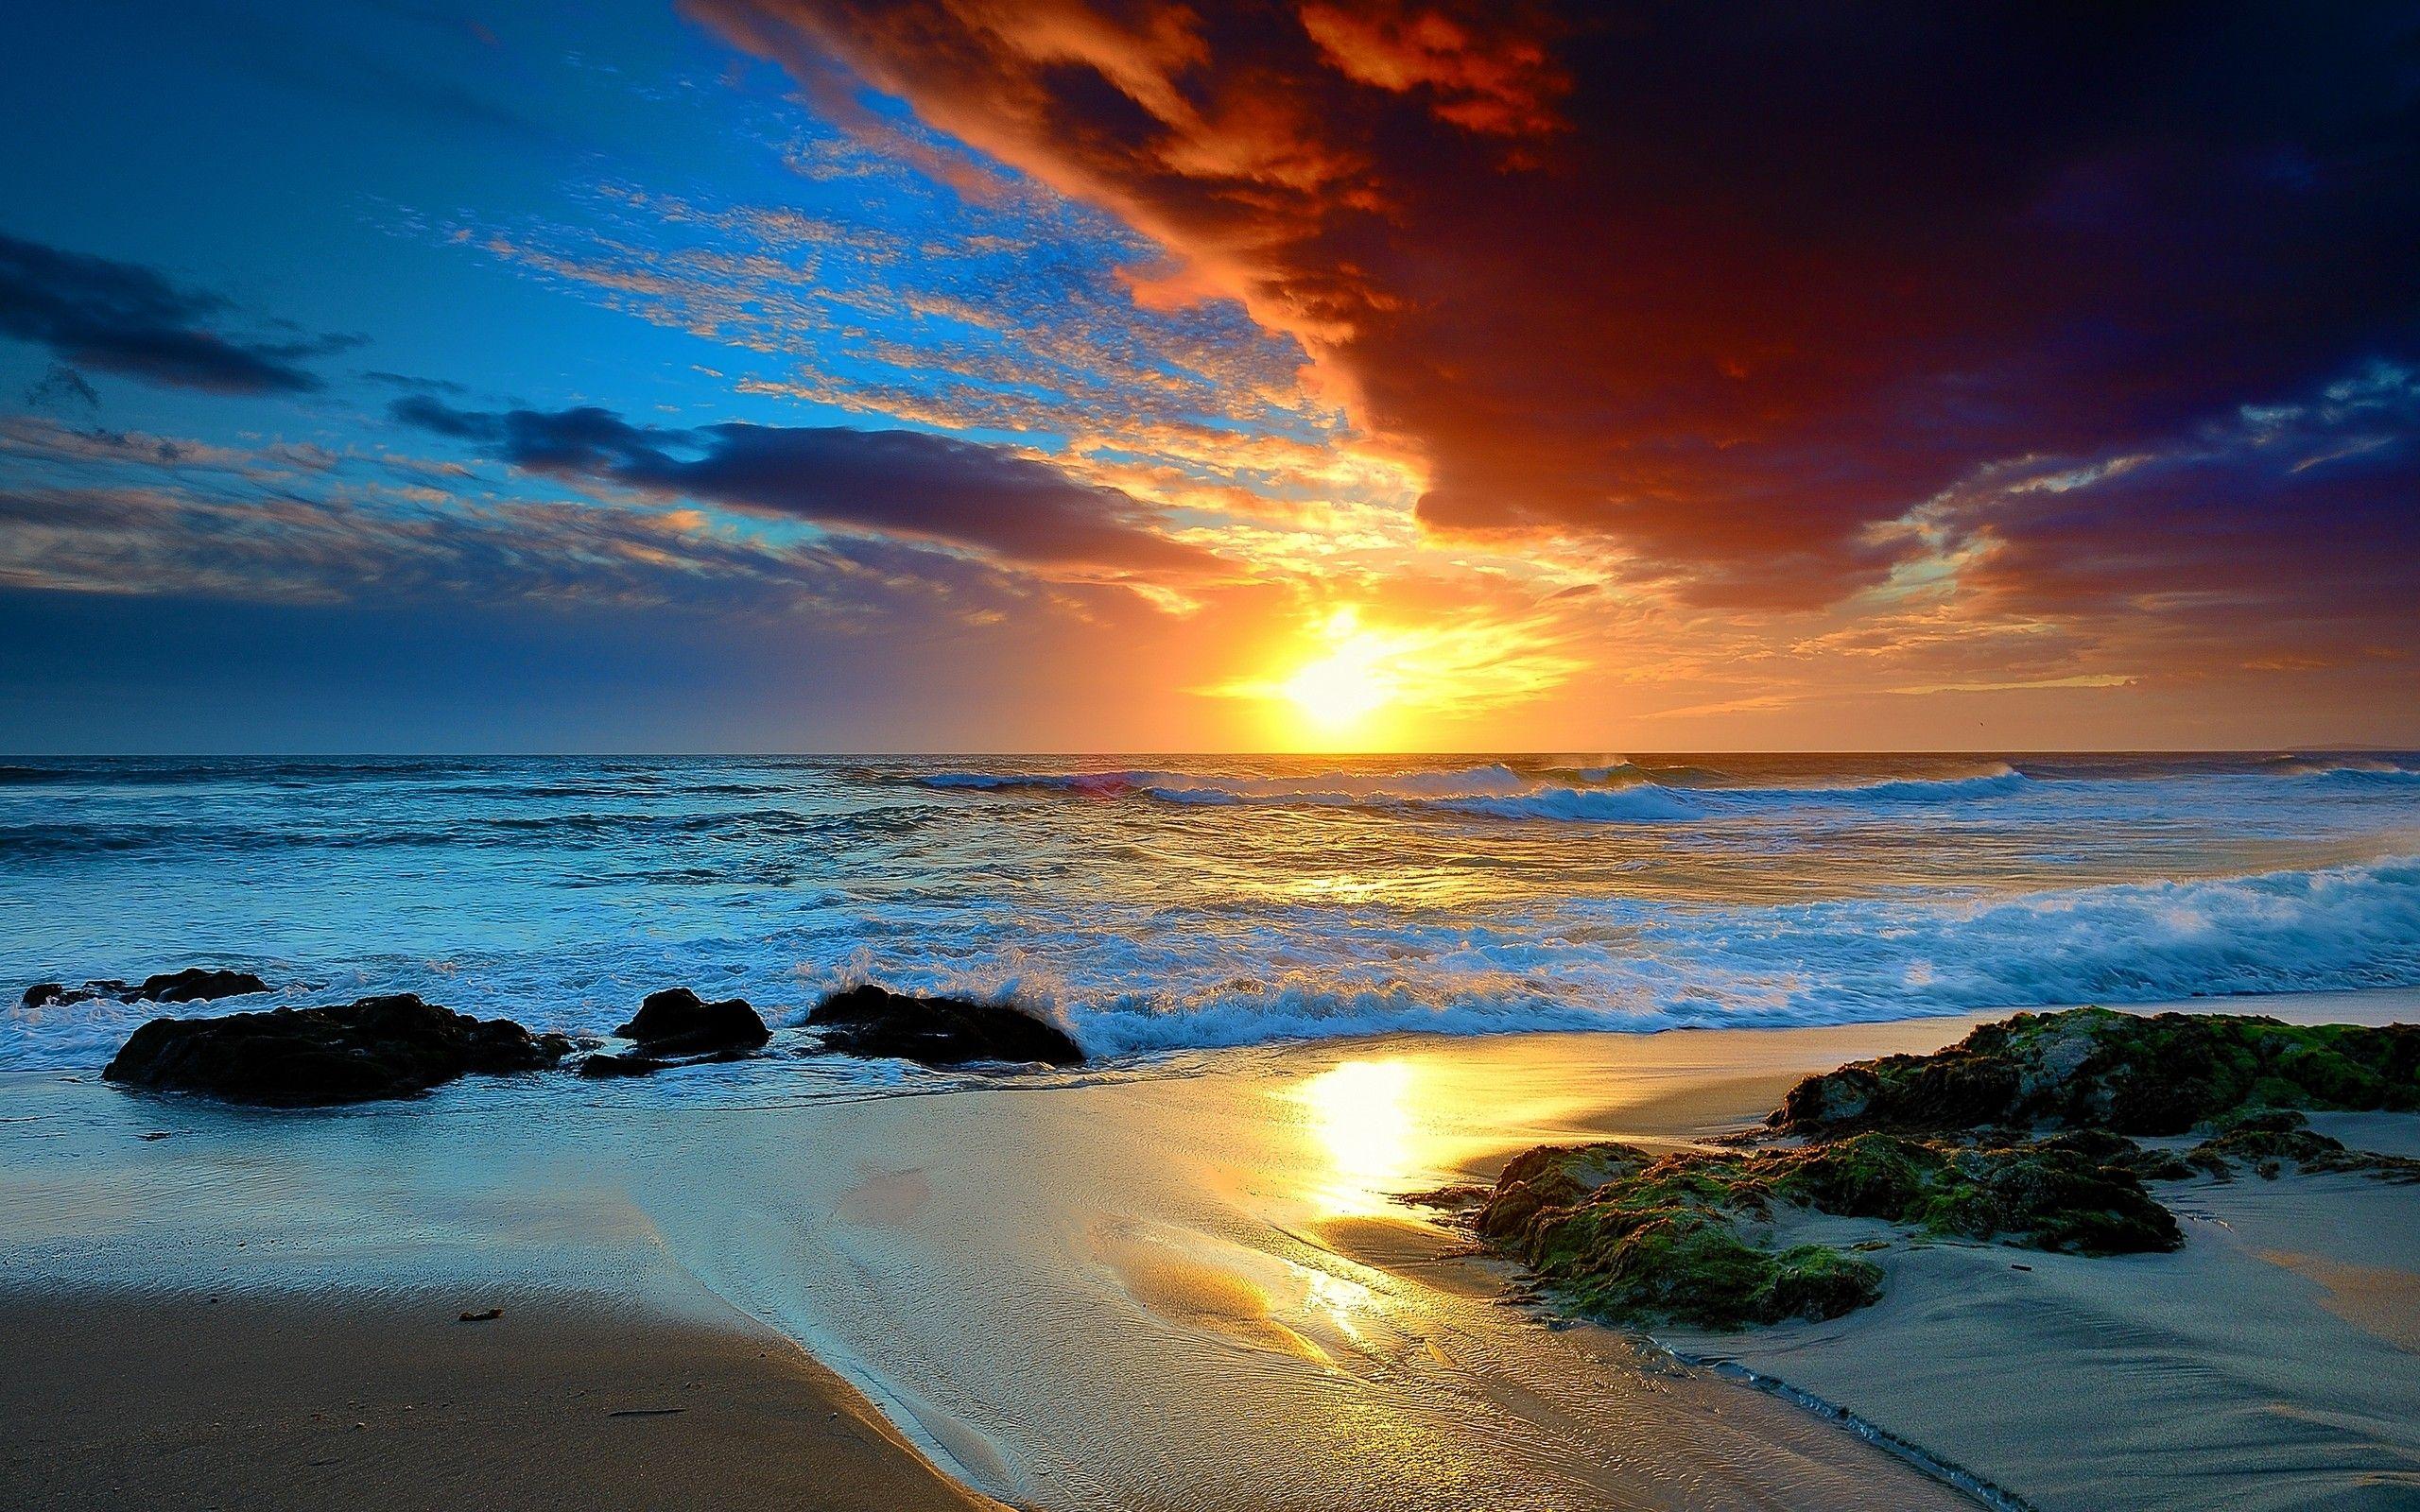 Sunset Wallpaper Desktop Wallpapers Backgrounds Images Art Photos Beach Sunset Wallpaper Beach Wallpaper Beach Landscape